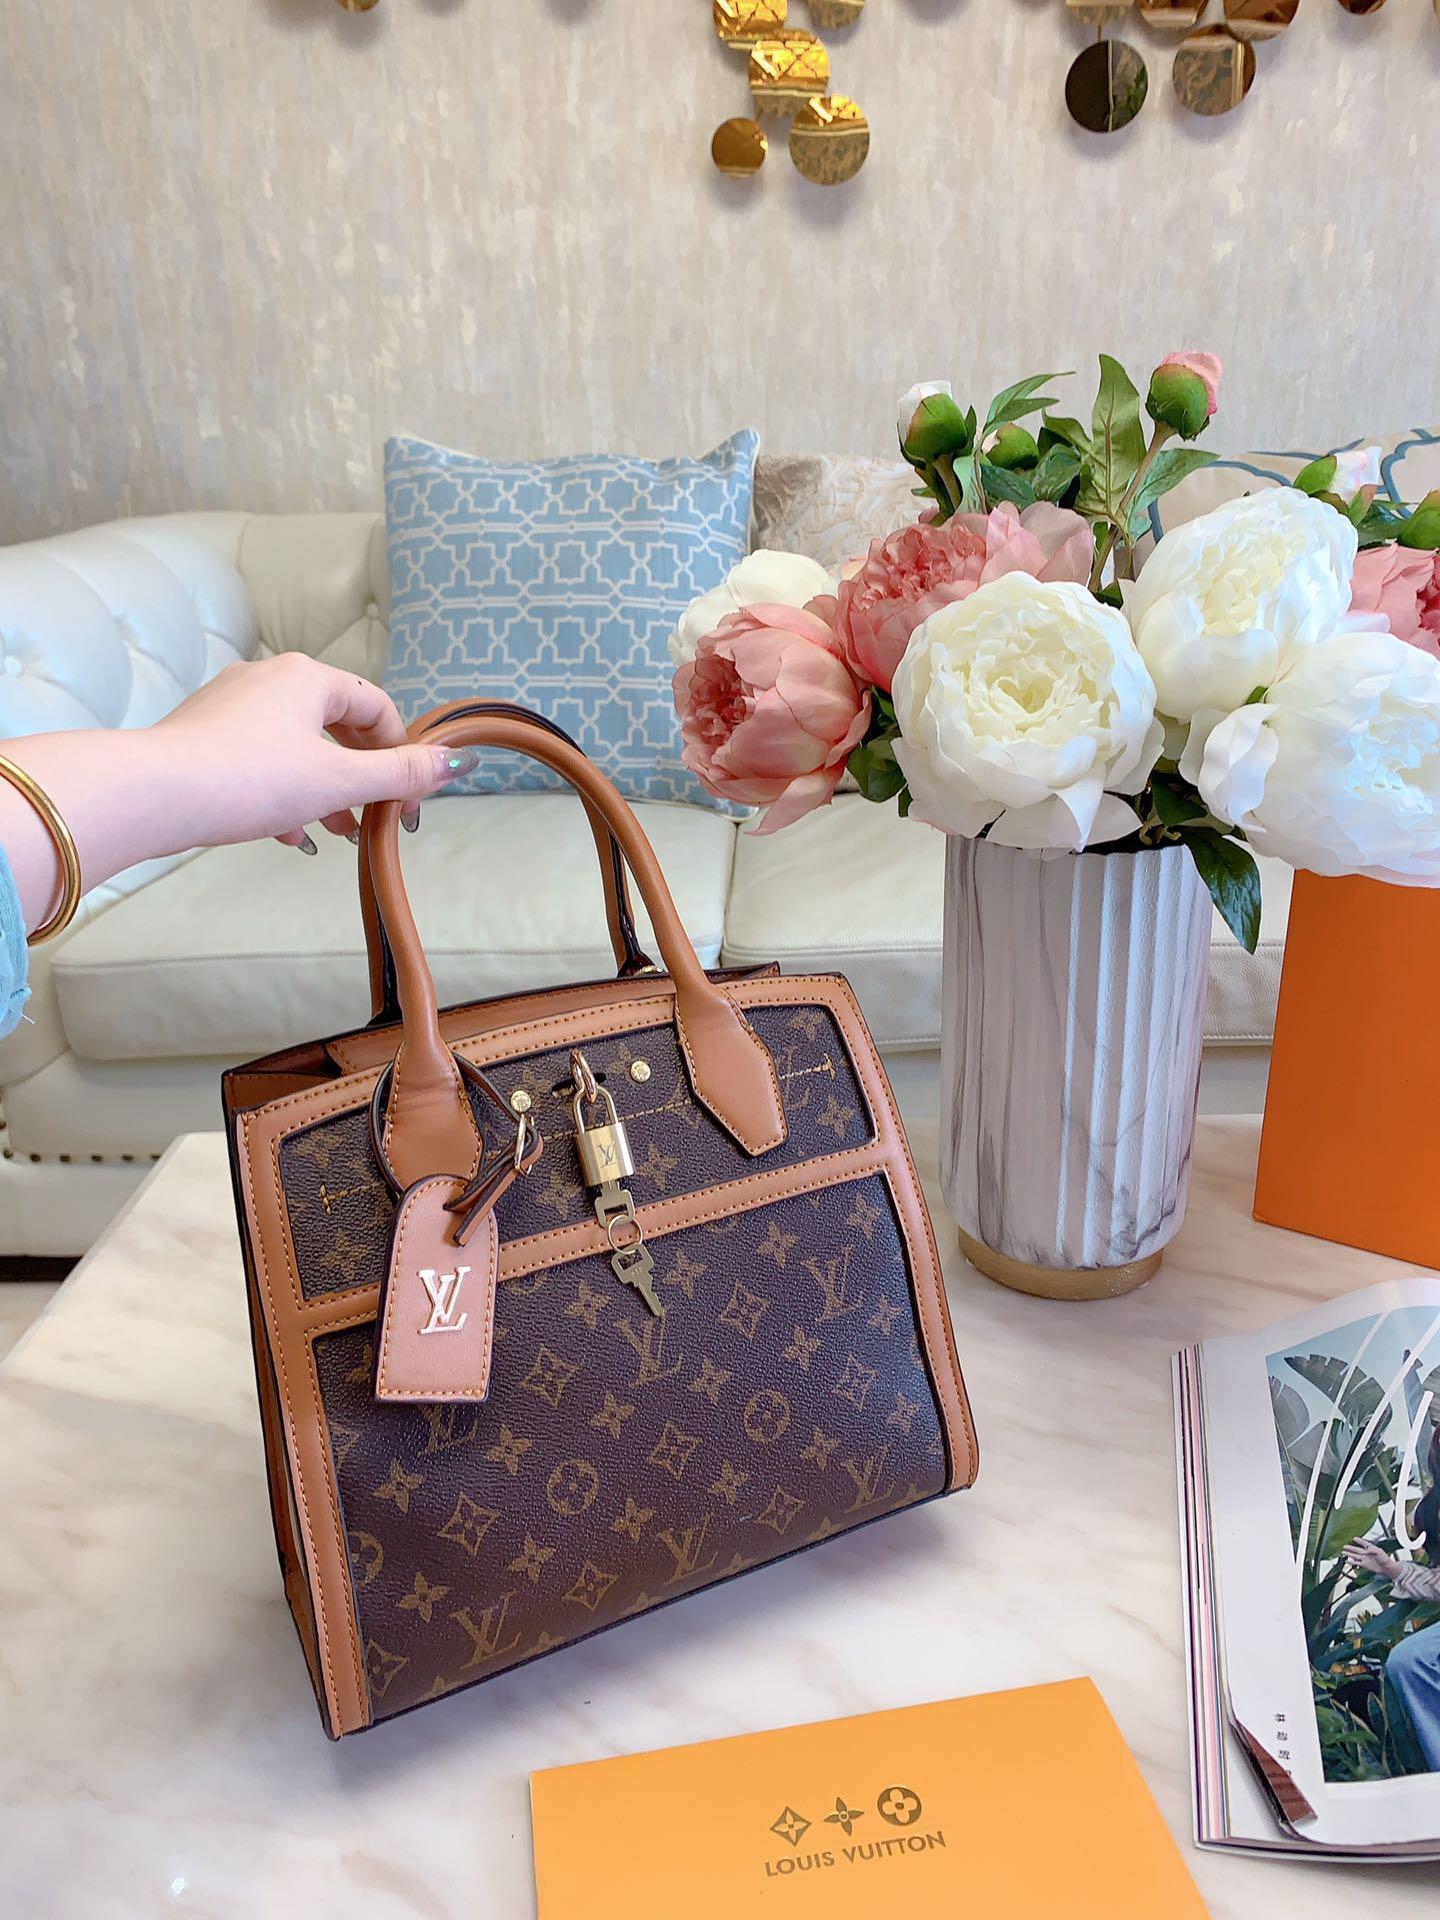 2020 Marke Einkaufen Handtasche einfach große Kapazität Frauenschulterkettendekoration Umhängetasche Designer Shopping Handtaschen L30